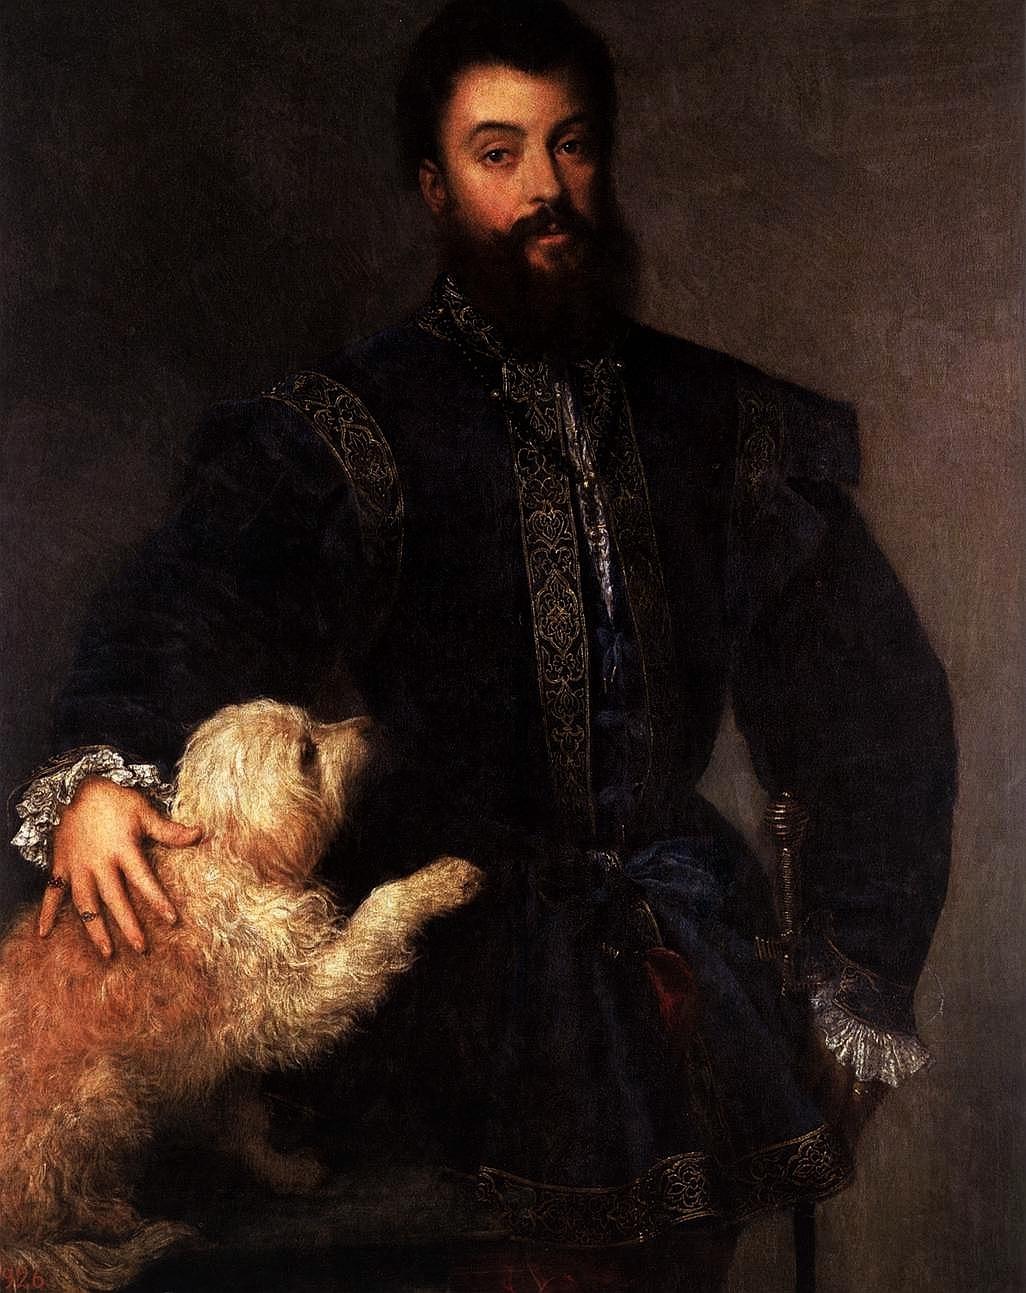 Tiziano ritratto di Federico II Gonzaga che indossa un farsetto alla massimiliana bordato di nastro dorato 1529